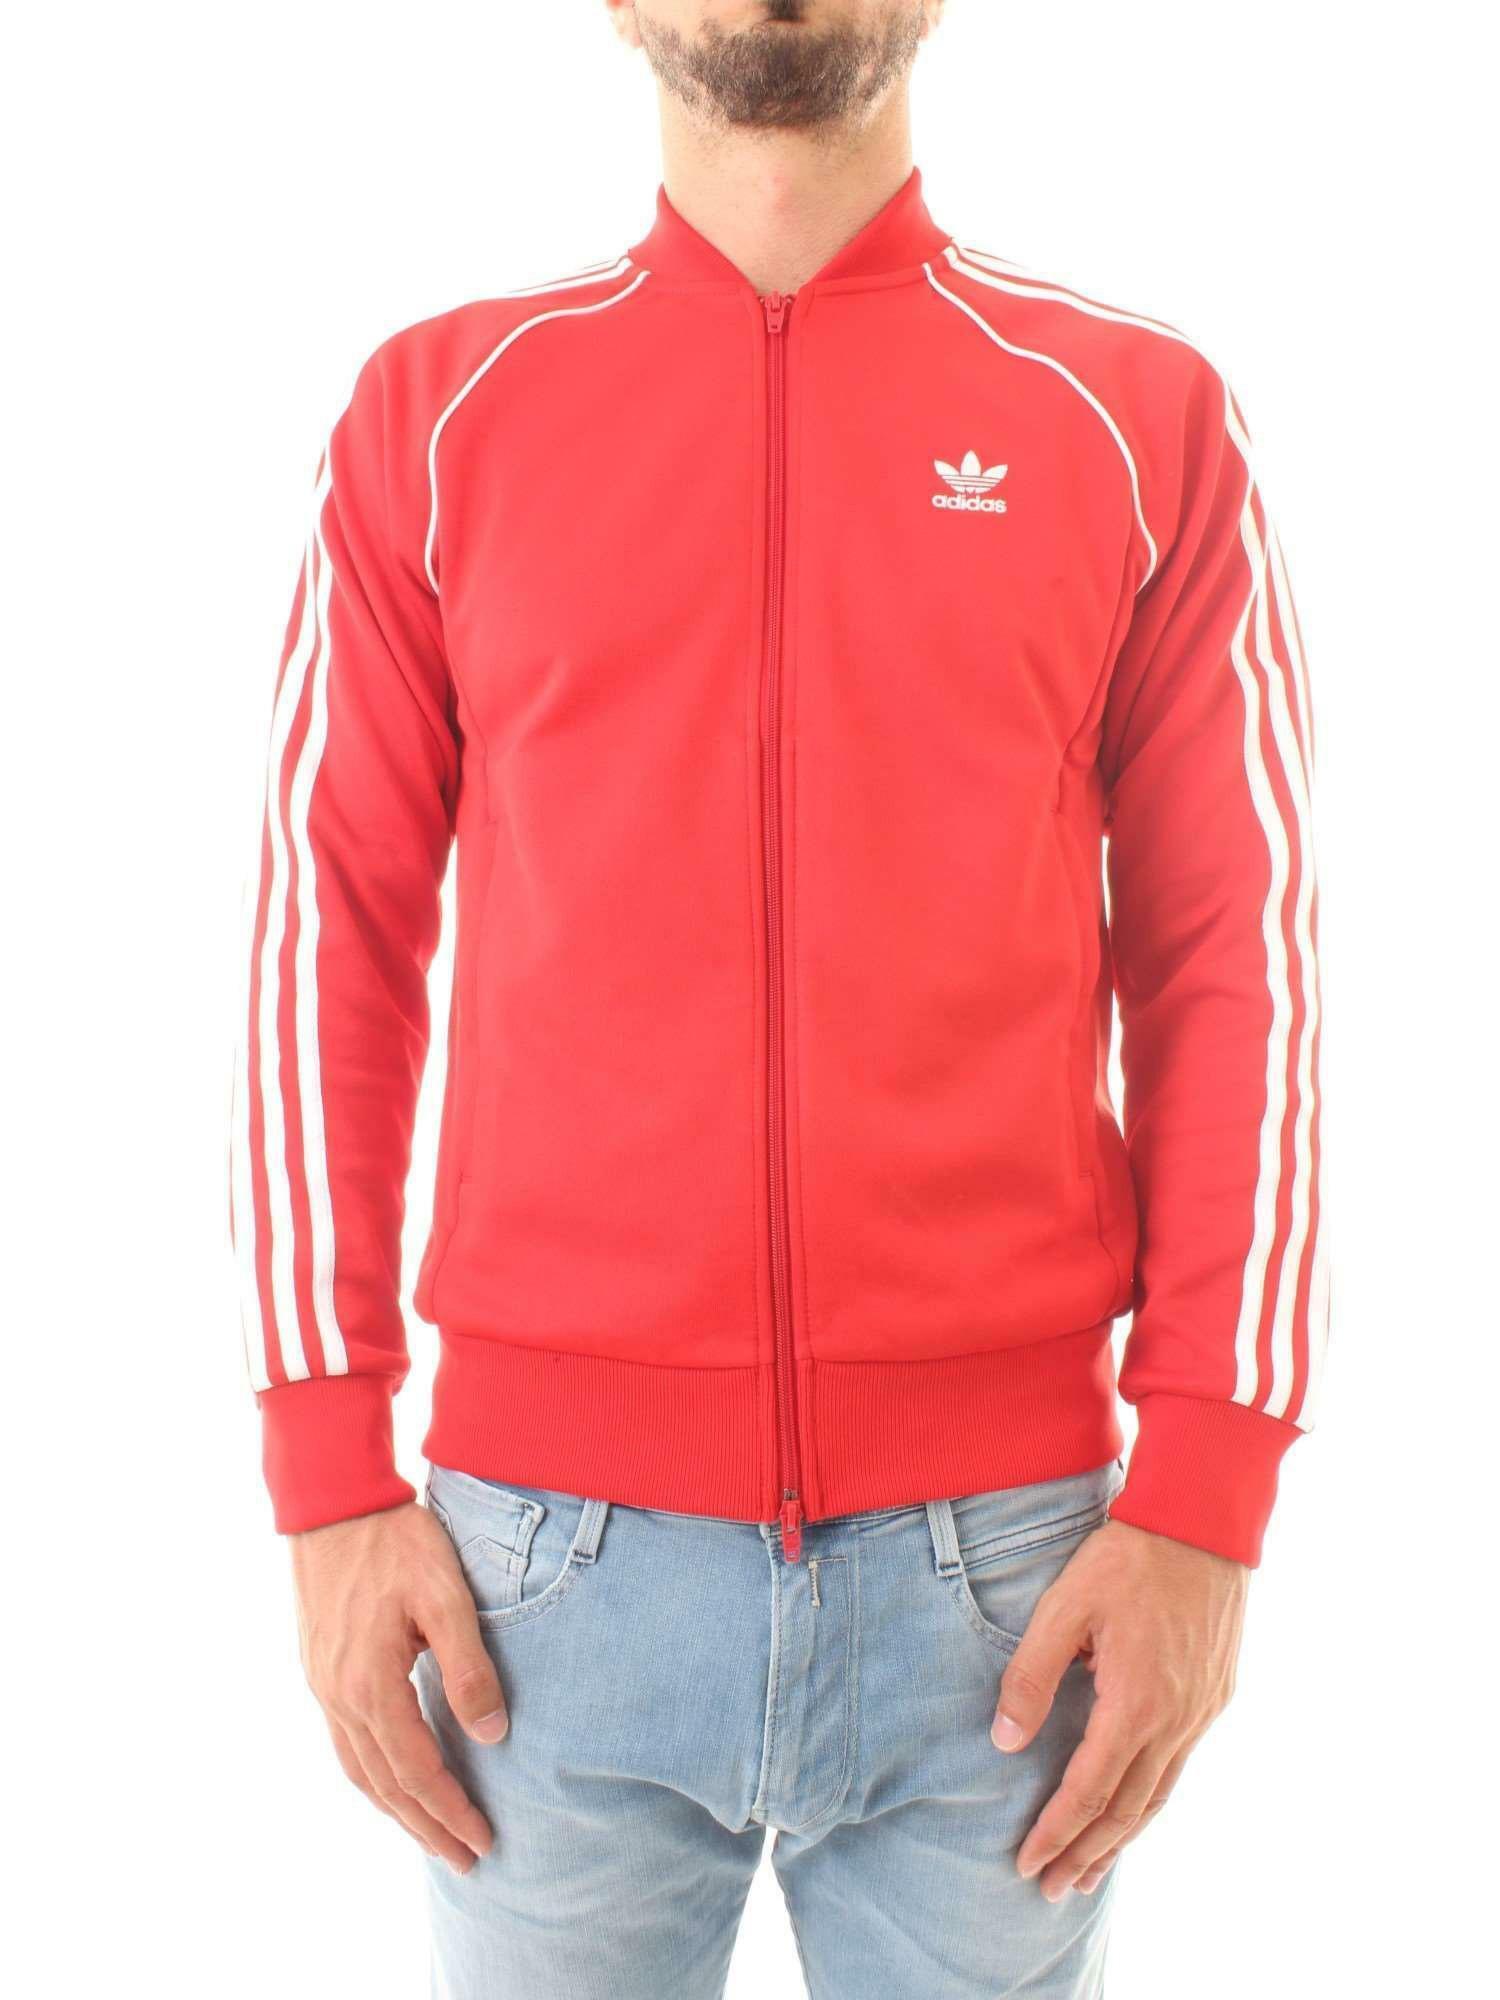 adidas adidas giacchetto uomo rosso dh5824